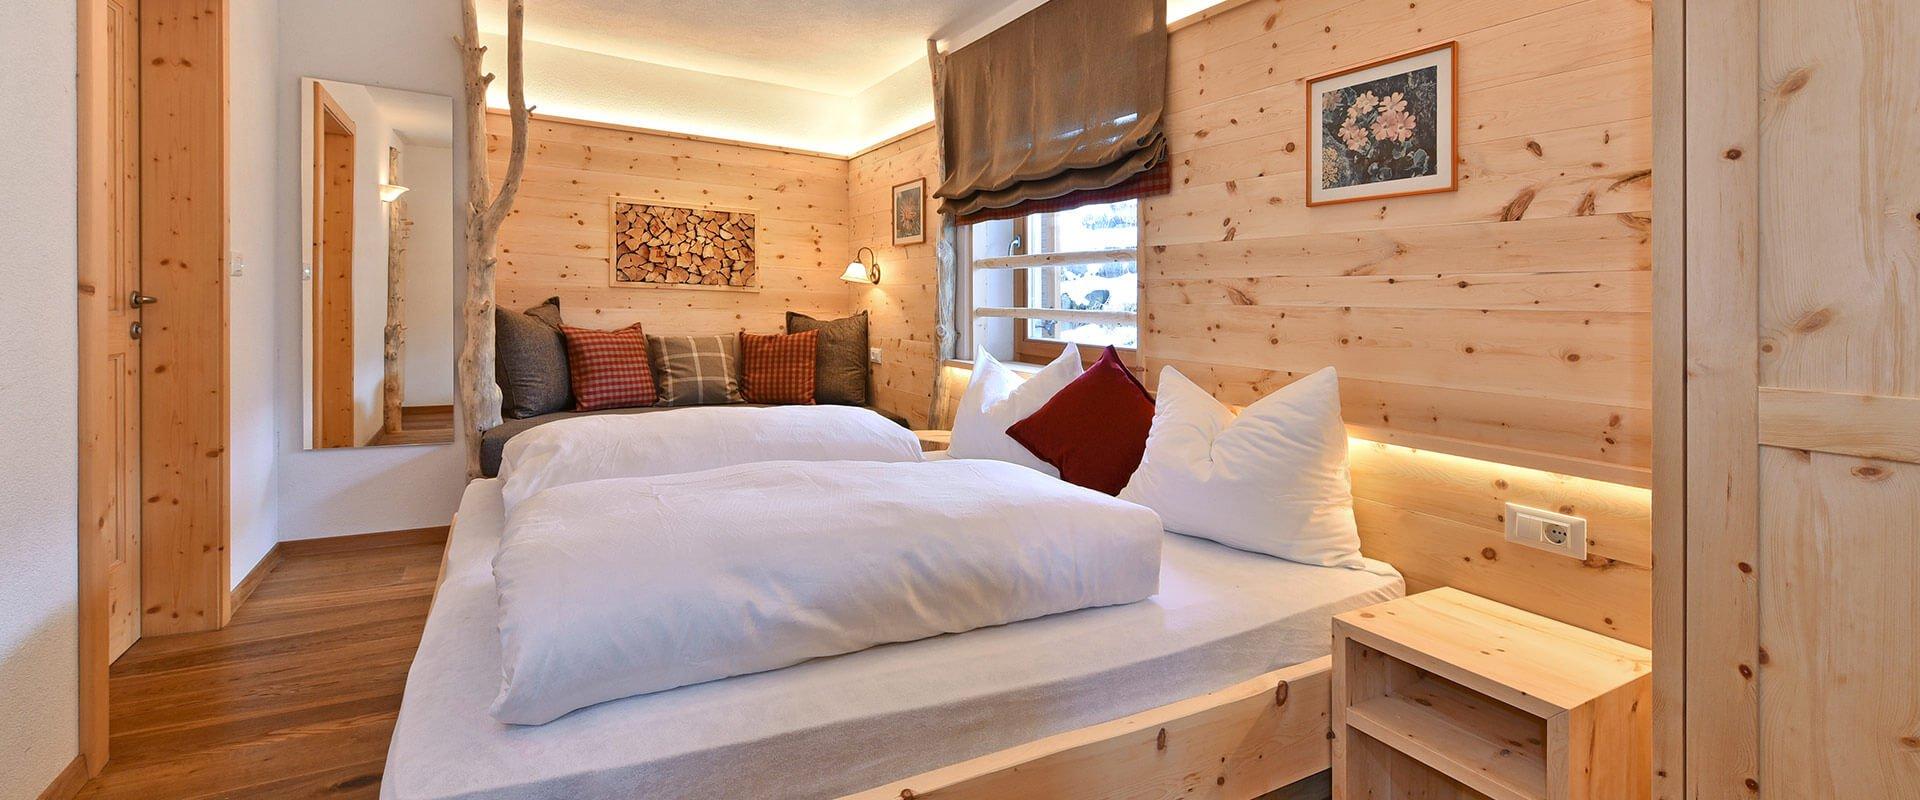 Bauernhofurlaub Südtirol - Ferienwohnungen